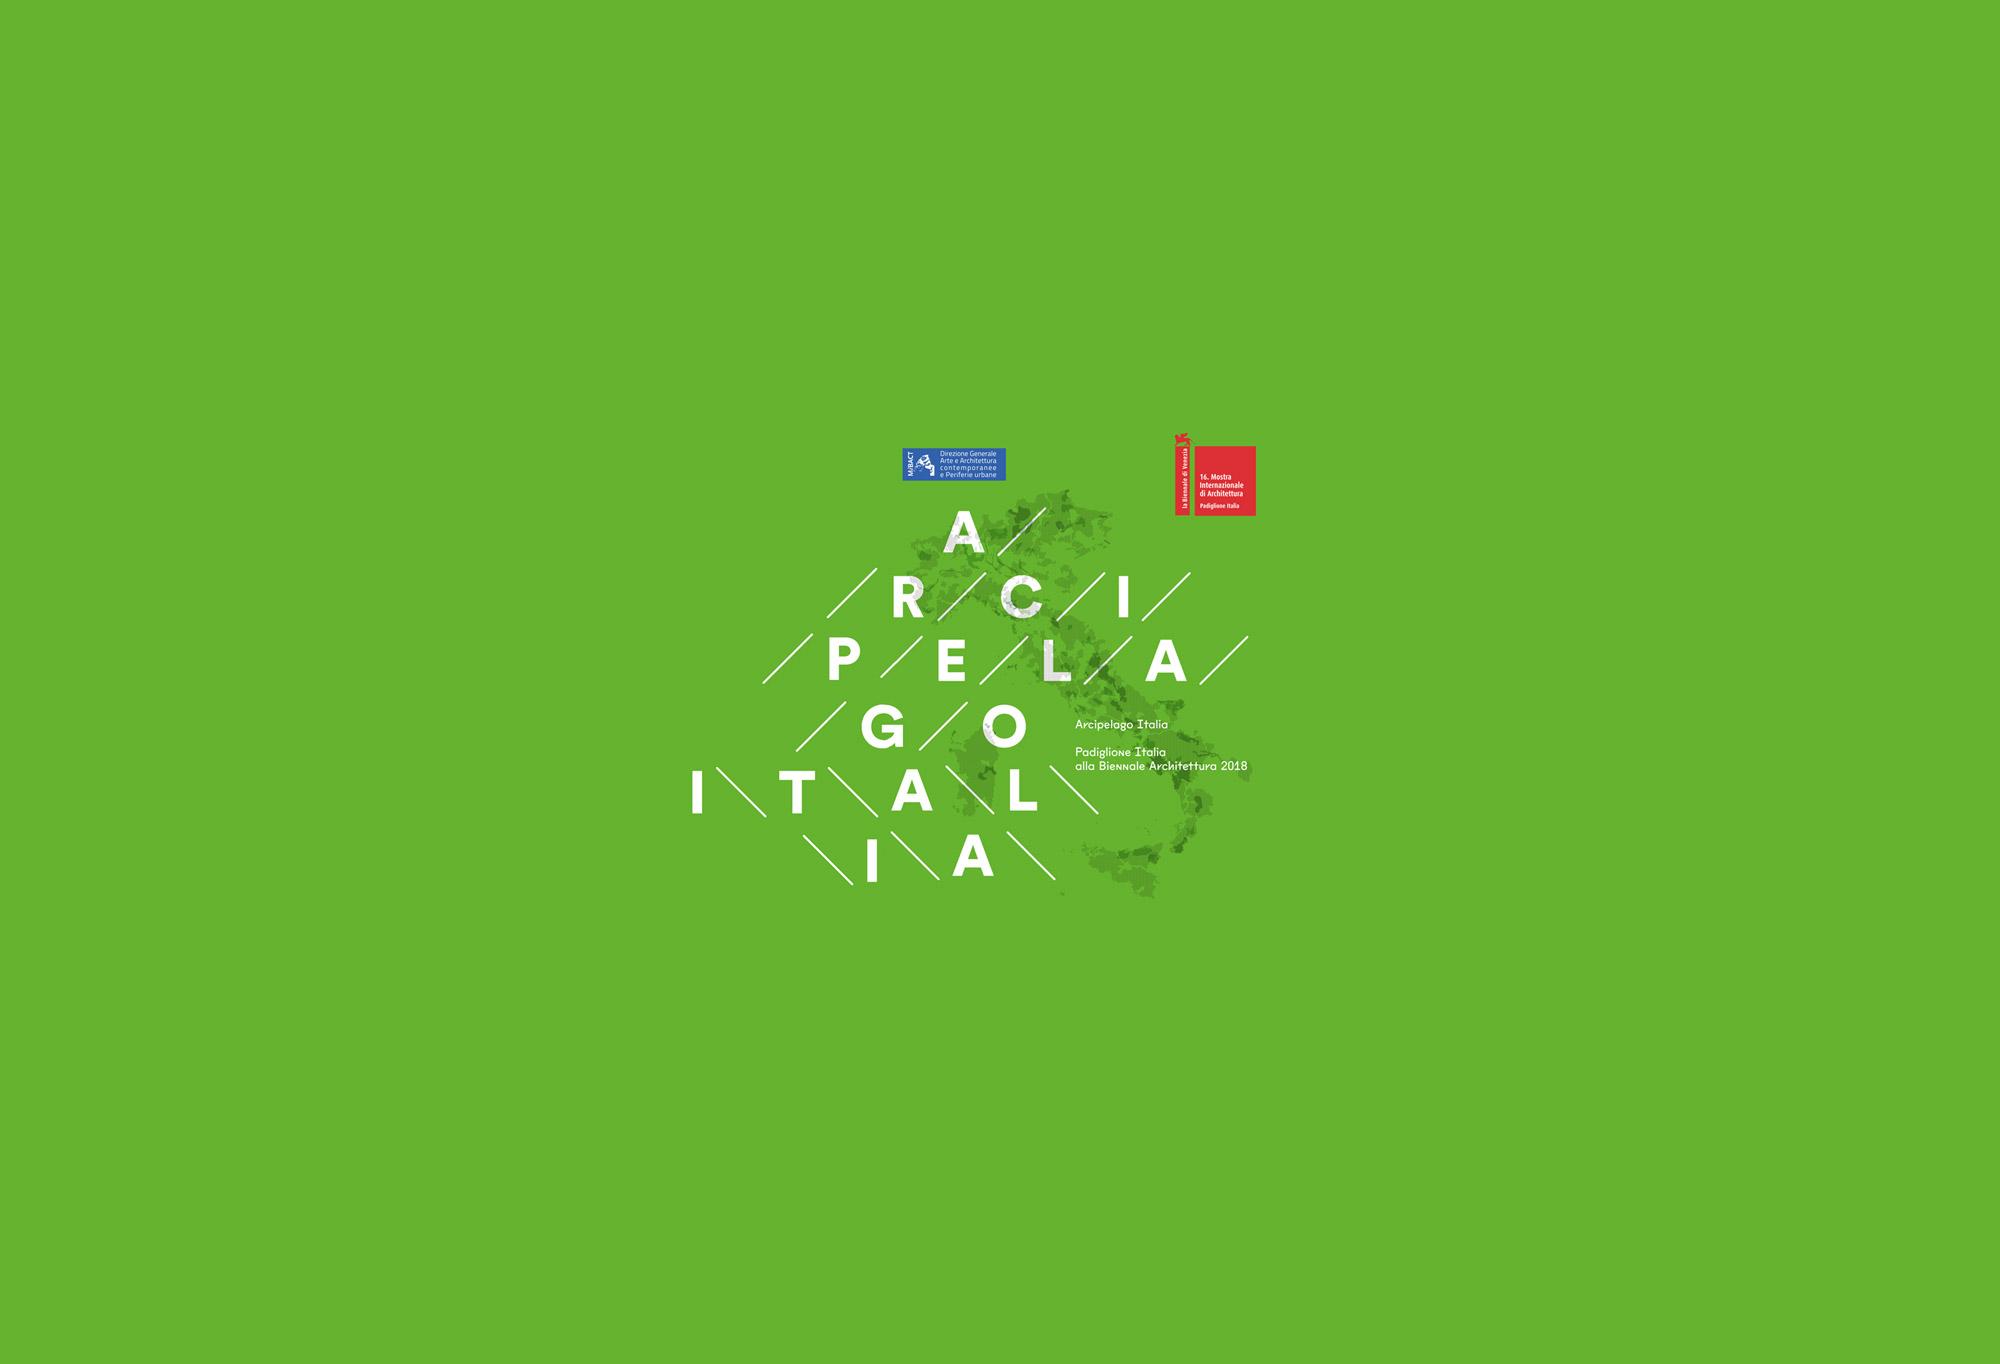 Biennale di Architettura 2018